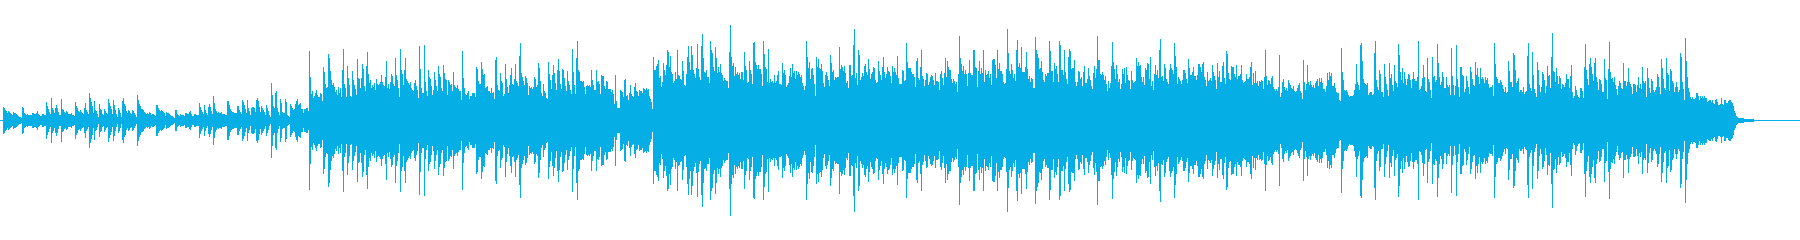 お洒落で清らか、澄んだピアノ主体のBGMの再生済みの波形